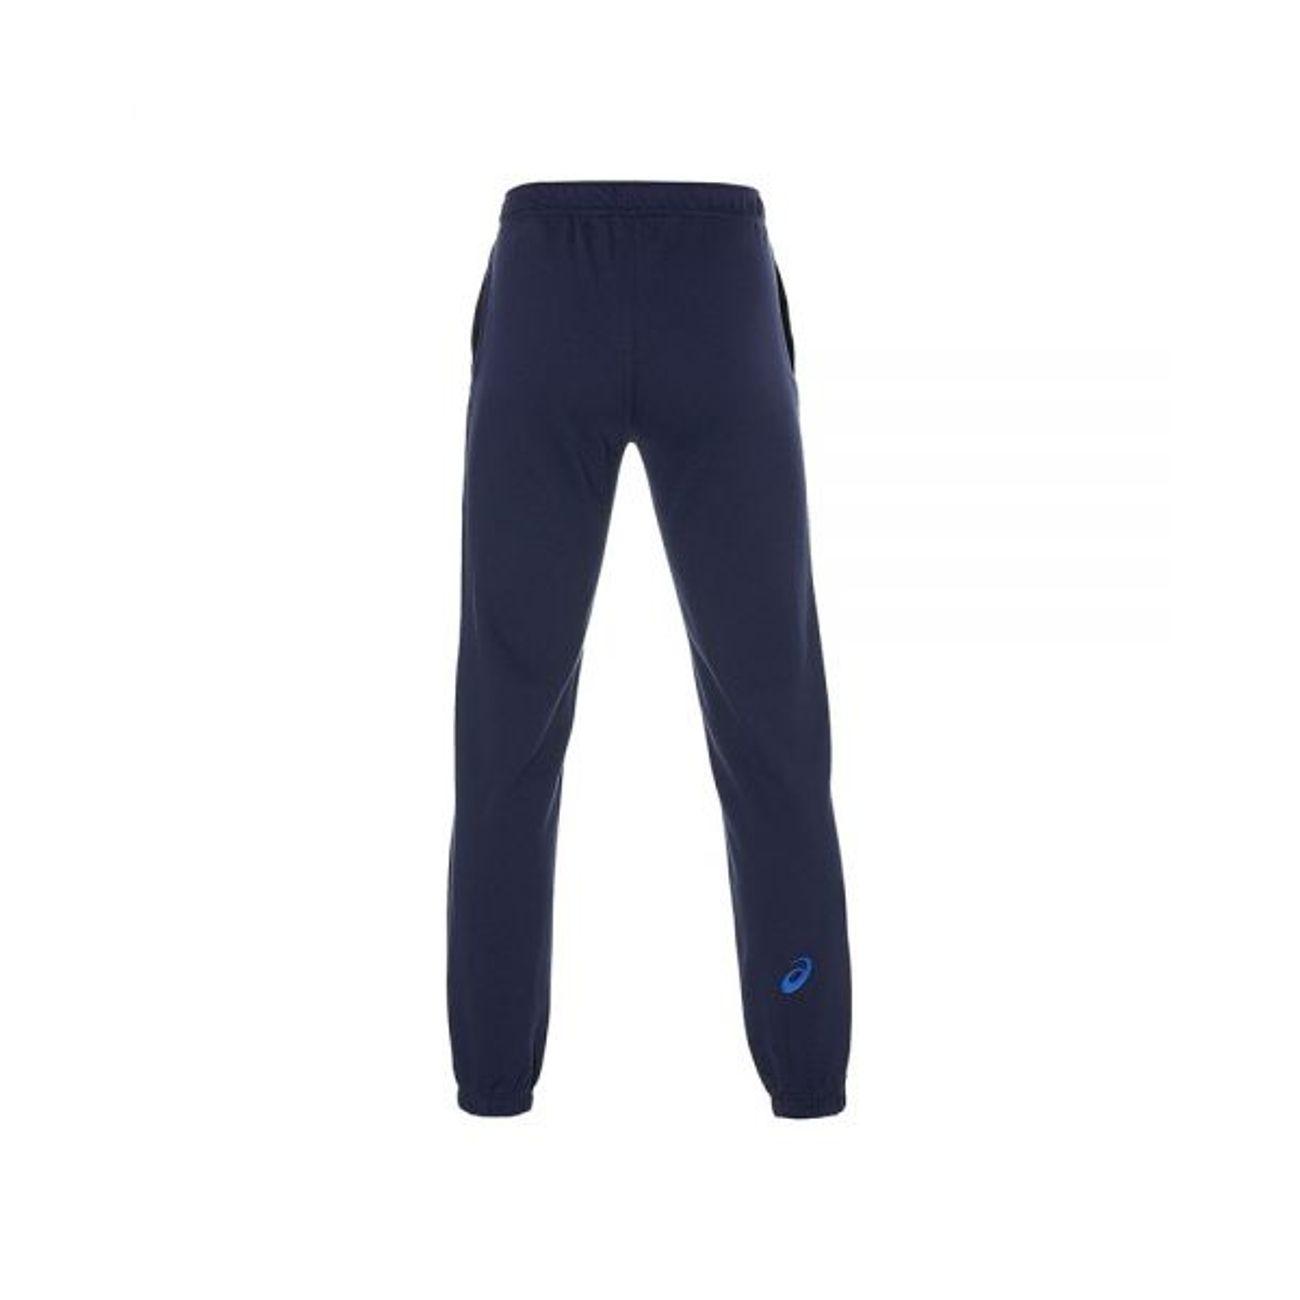 Mode- Lifestyle homme ASICS ASICS Asics Big Logo Sweat Pantalon Jogging Homme